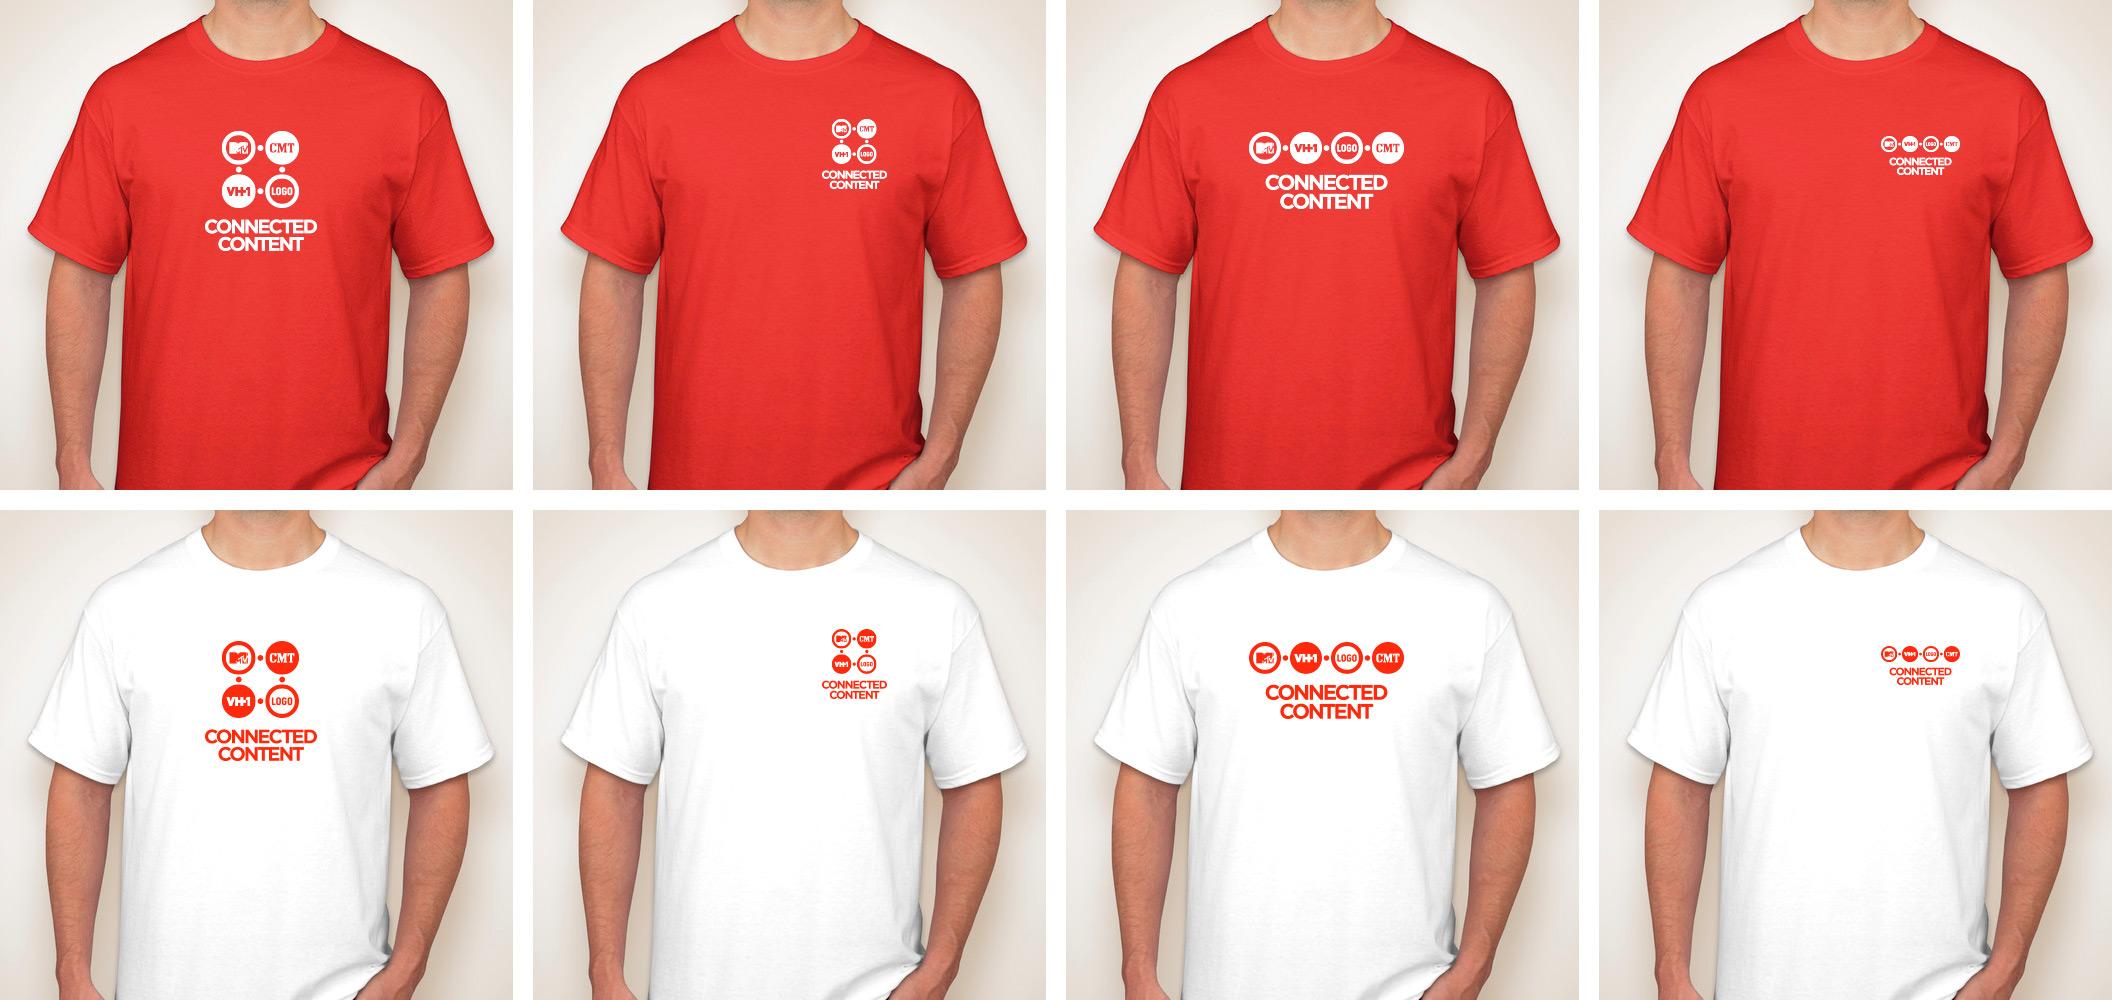 tshirt_variations2112x1000.jpg